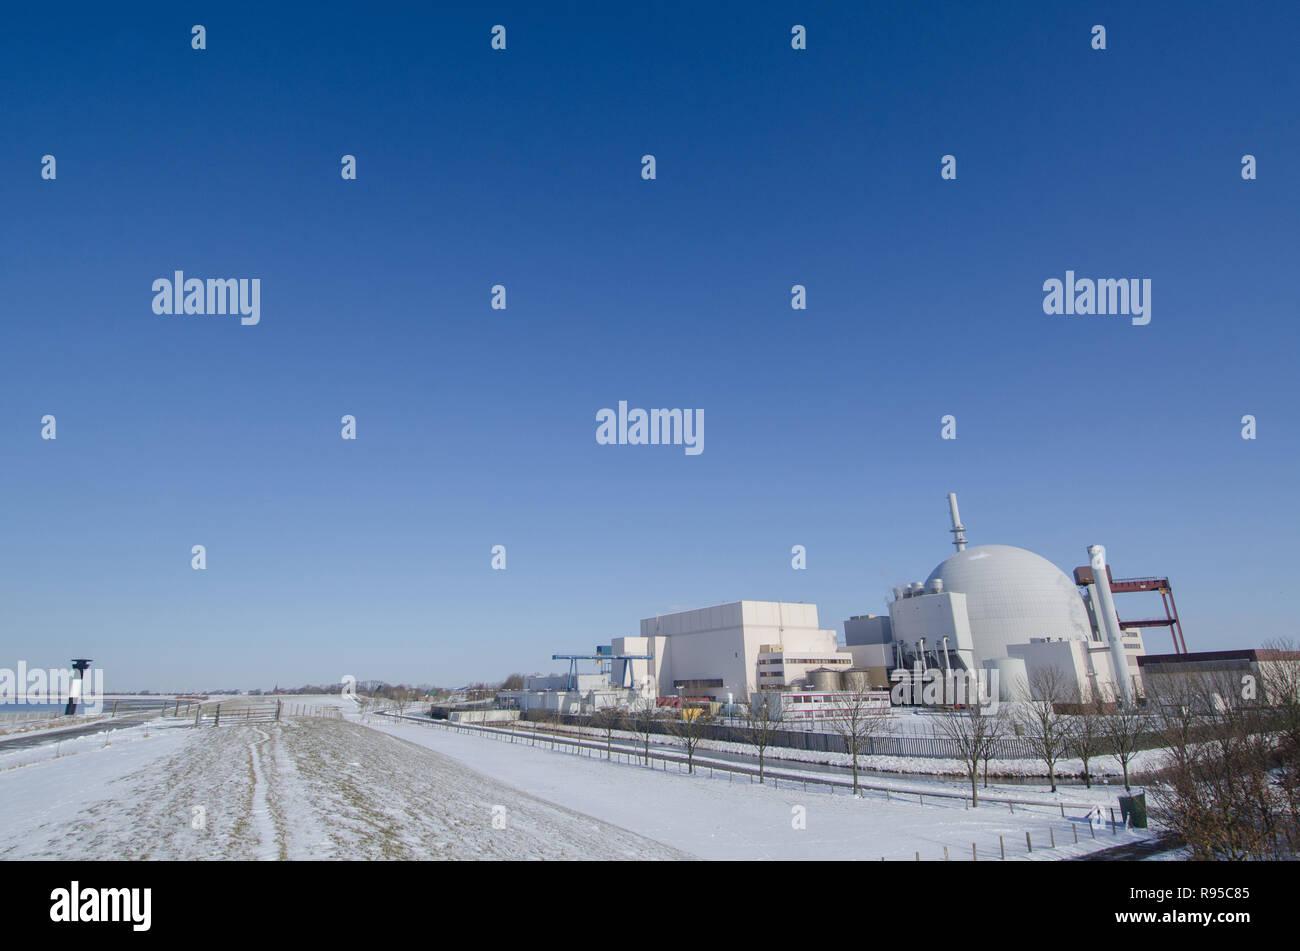 12.03.2013, Germany, Schleswig-Holstein, Brokdorf - Das Atomkraftwerk hinter dem Deich an der Elbe. 0RX130312D596CAROEX.JPG GT [MODEL RELEASE: NOT APP - Stock Image